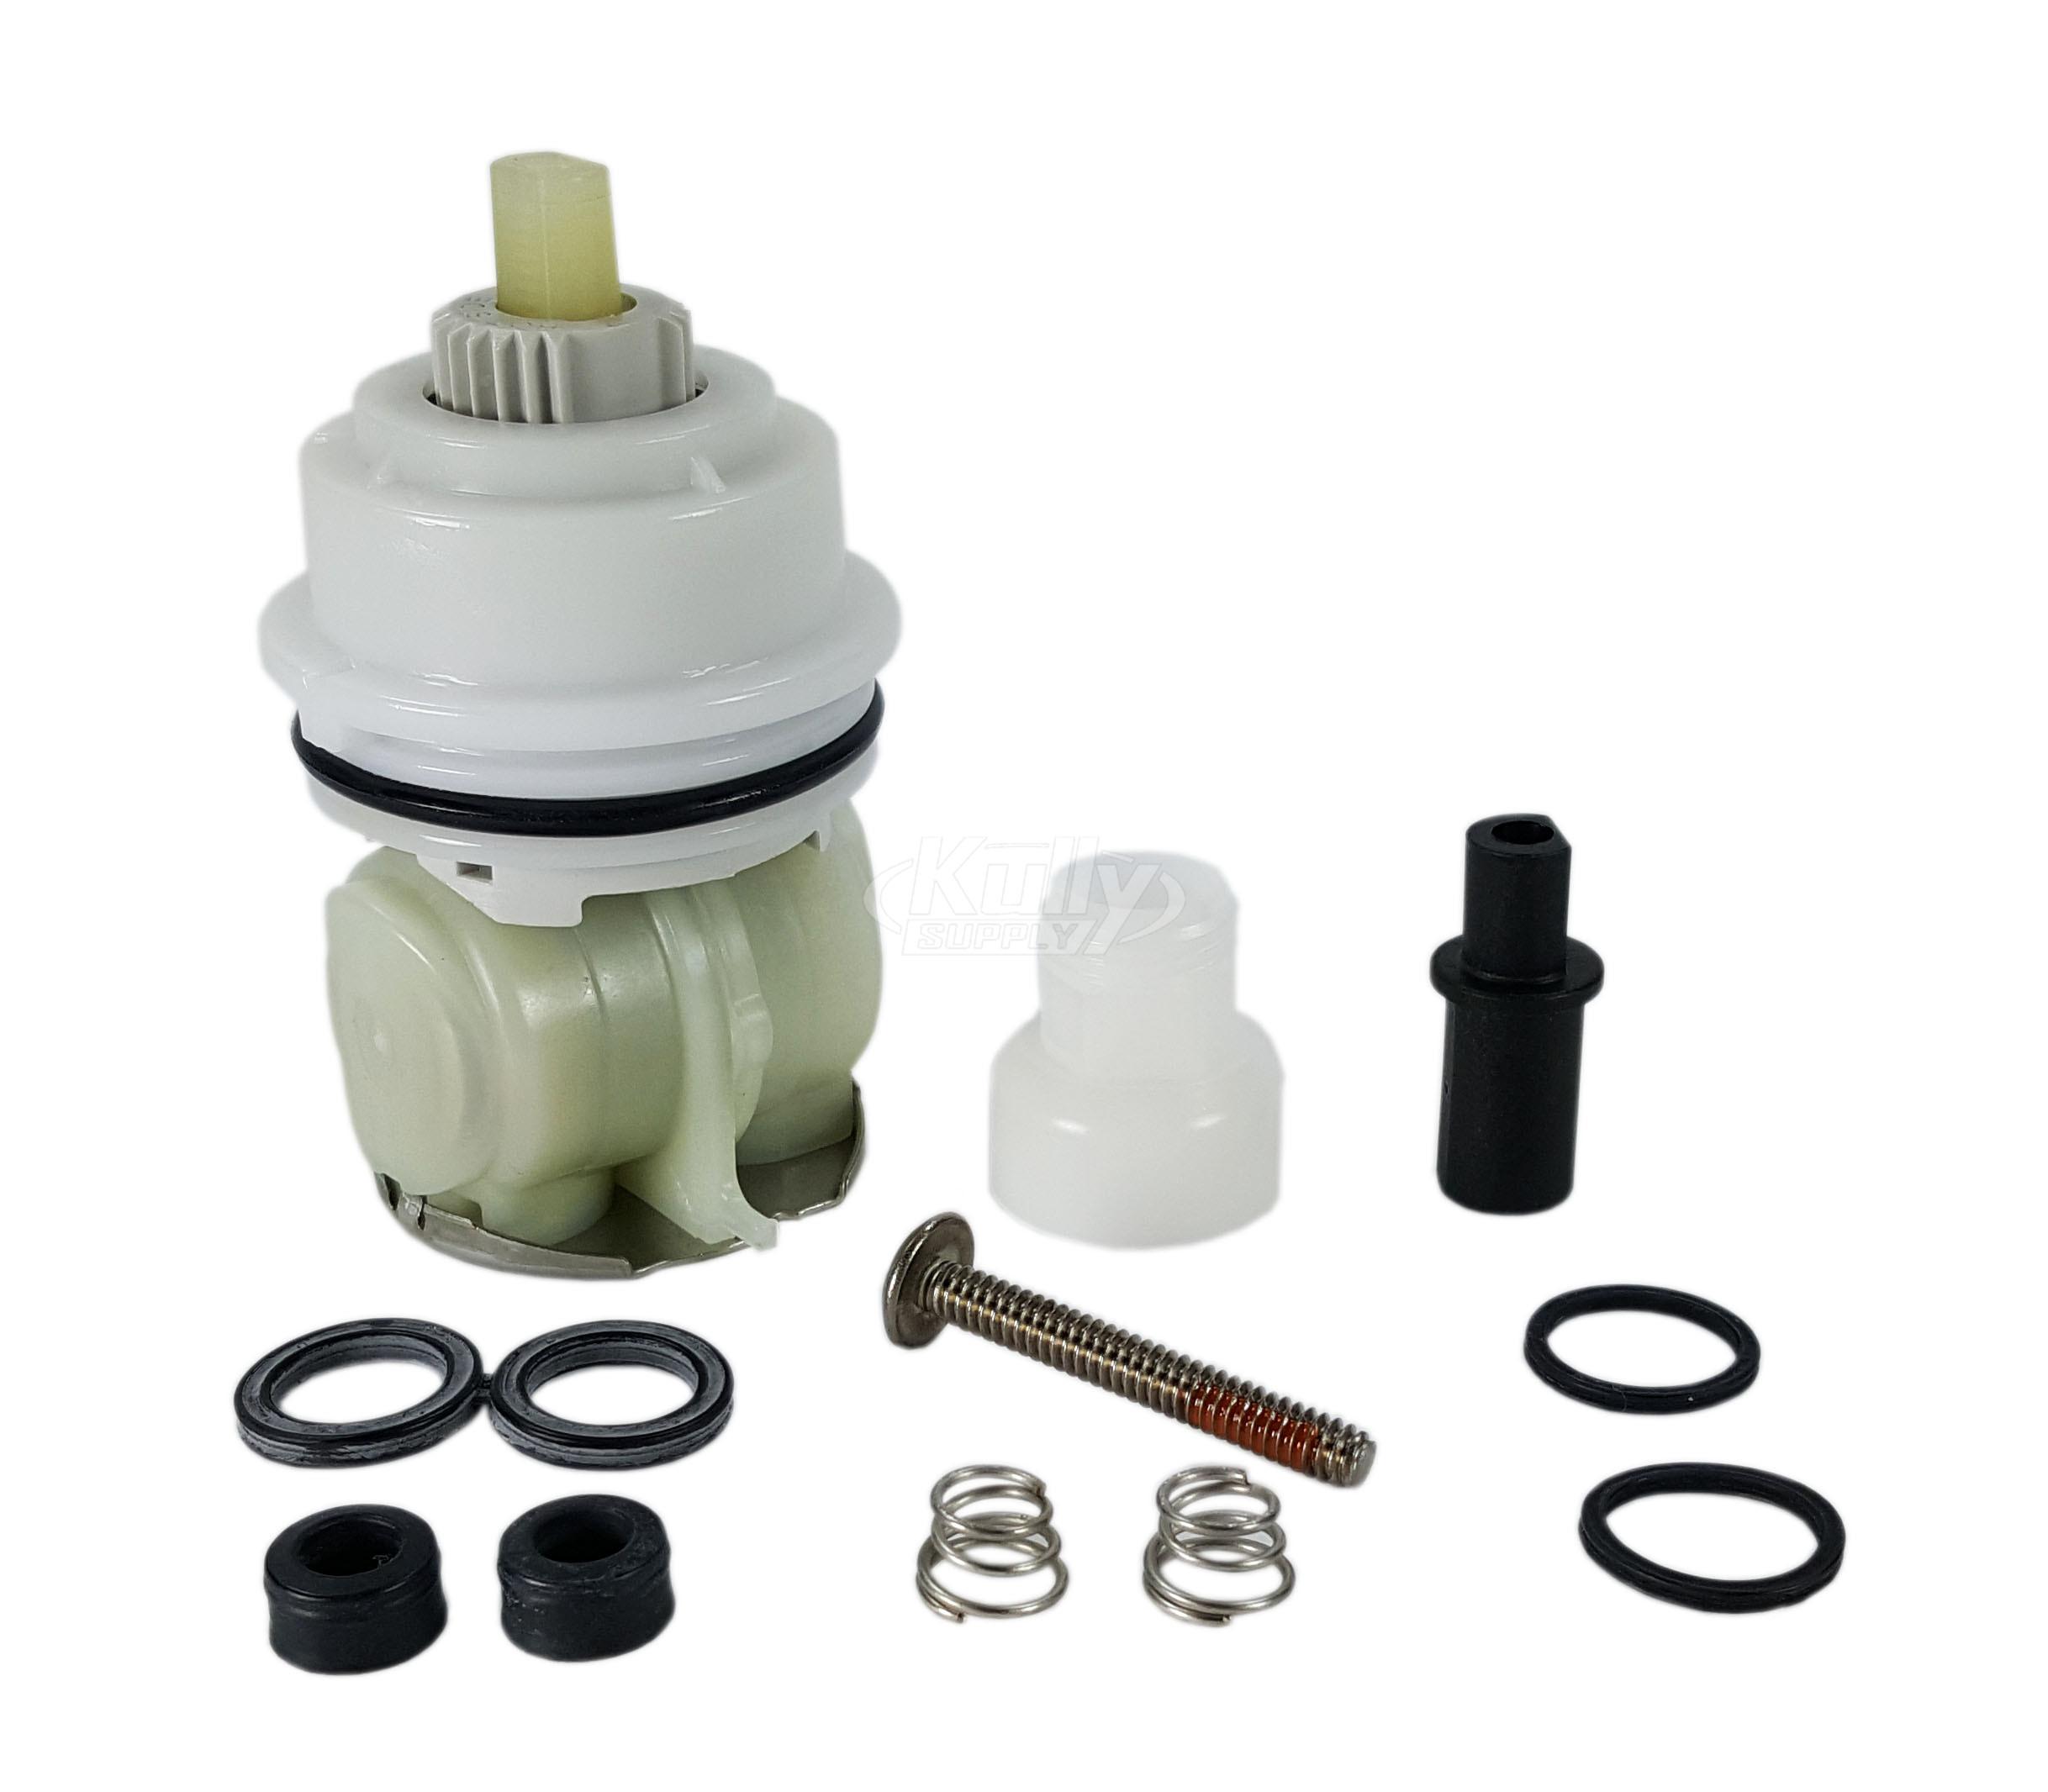 Delta Rp32104 Cartridge Assembly Kullysupply Com